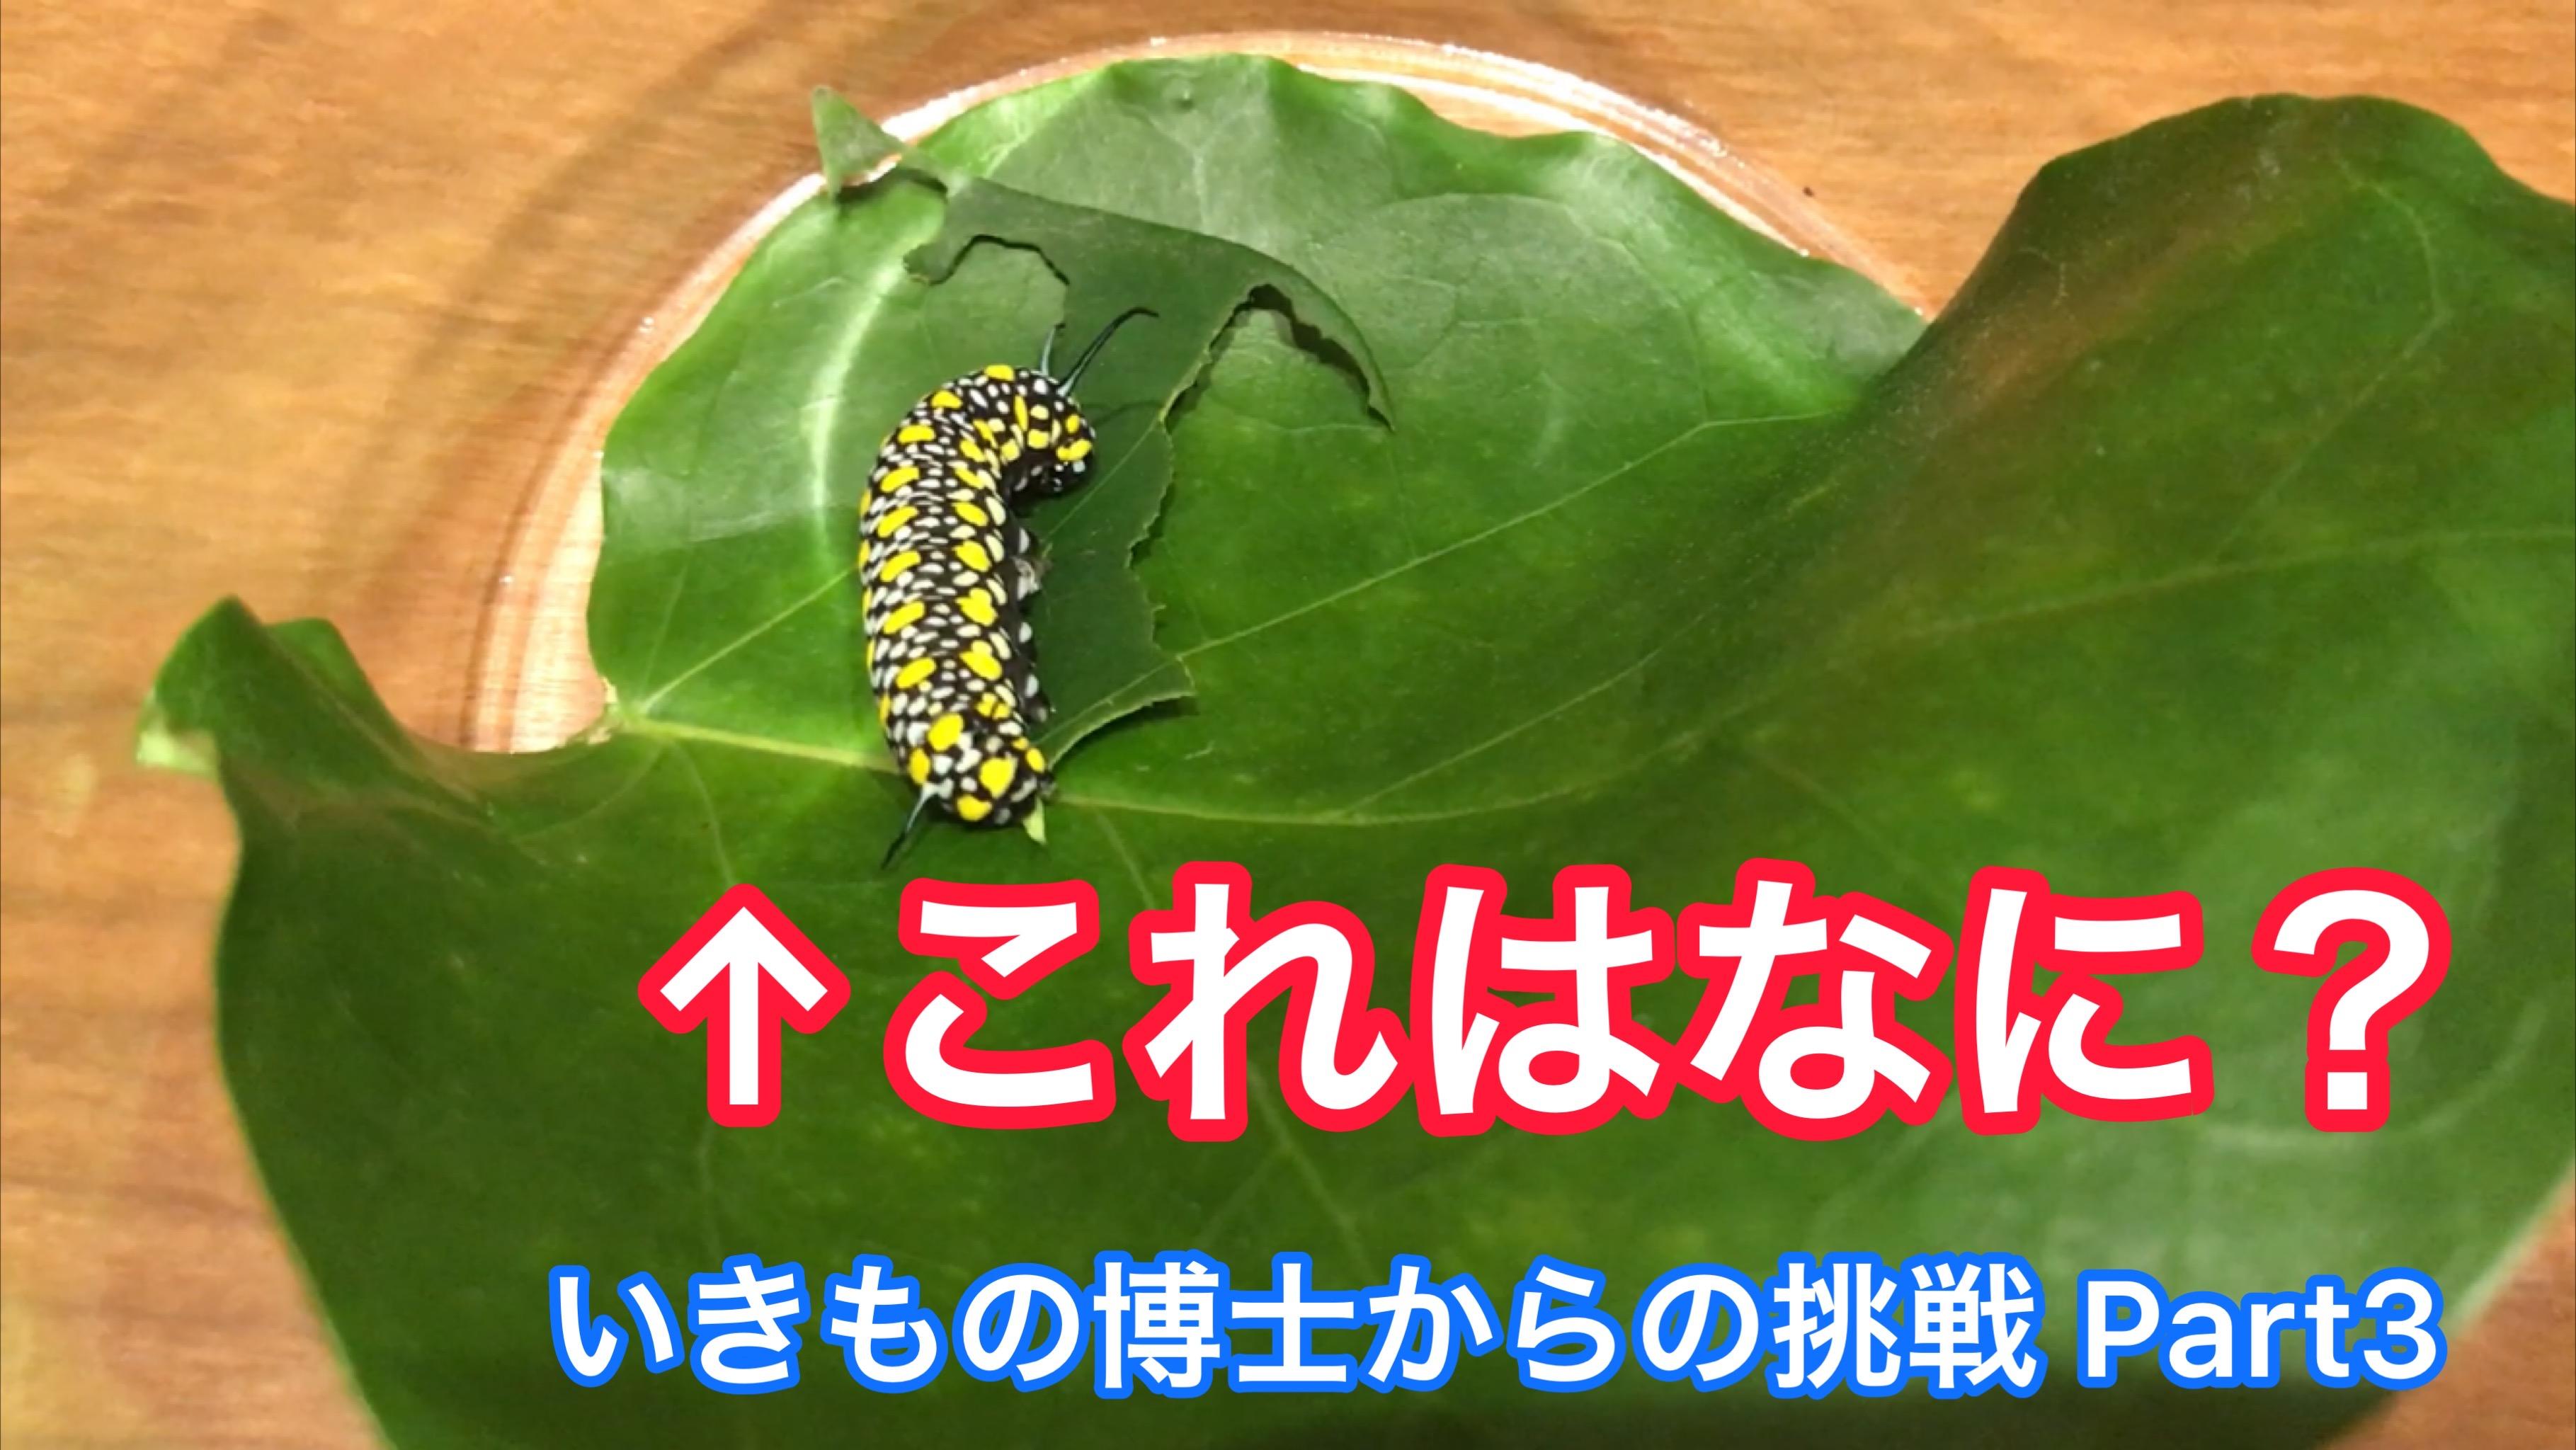 この幼虫はなに? YouTubeいきものクイズ第3弾!